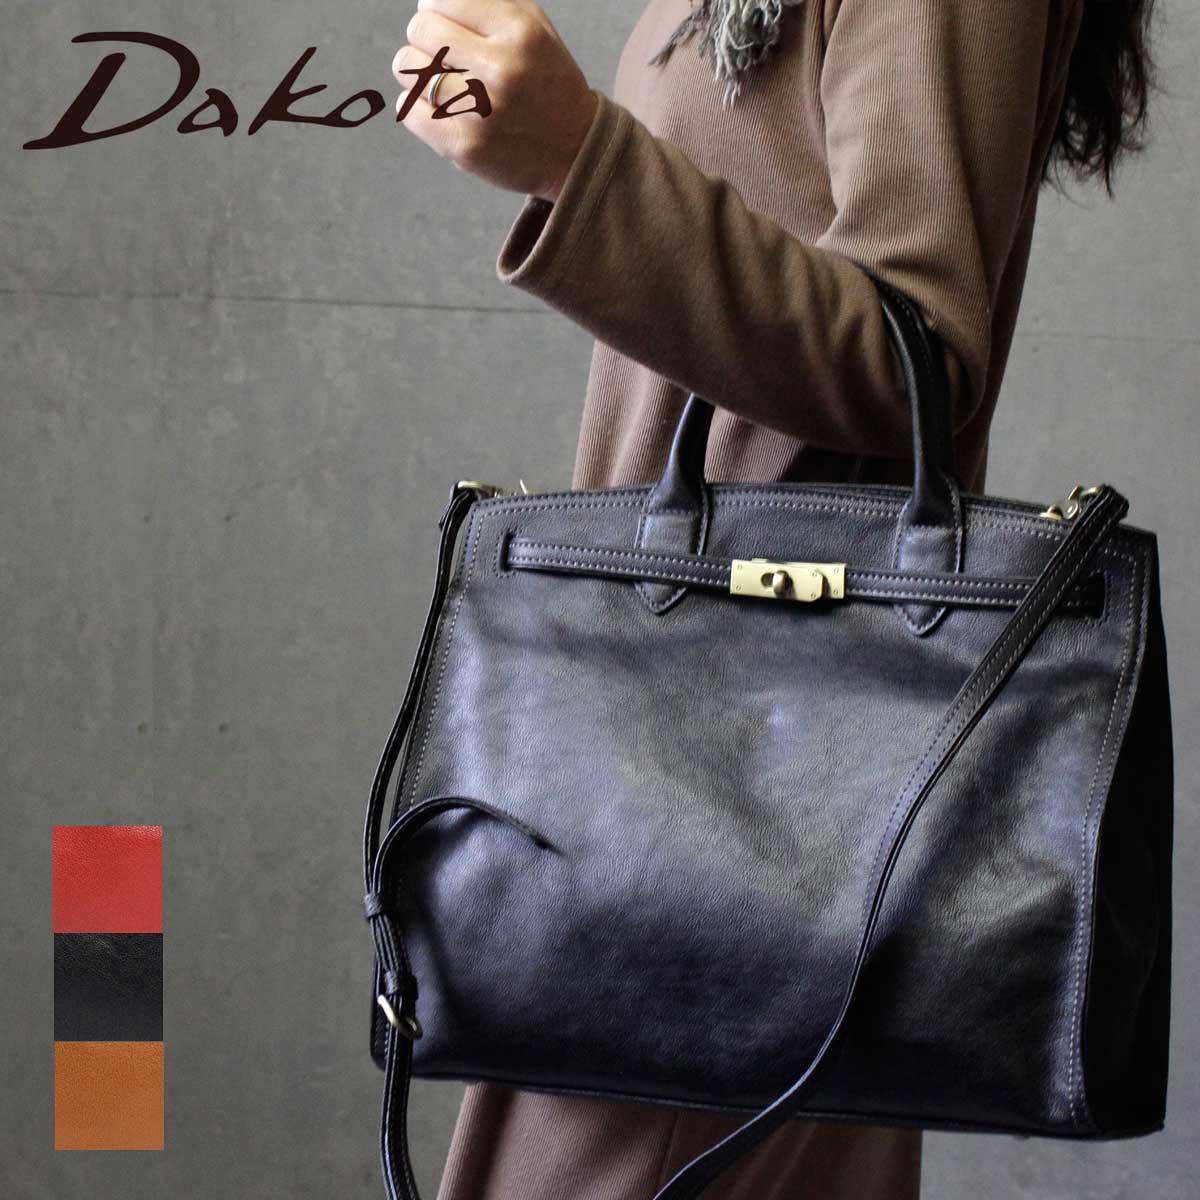 ダコタ バッグ Dakota プレゼントラッピング無料です。 【選べるノベルティ大好評】クロア型 2WAYトートバッグ(大) Dakota ダコタ オーリオ2 仕事バッグ フォーマル【A4】1033830